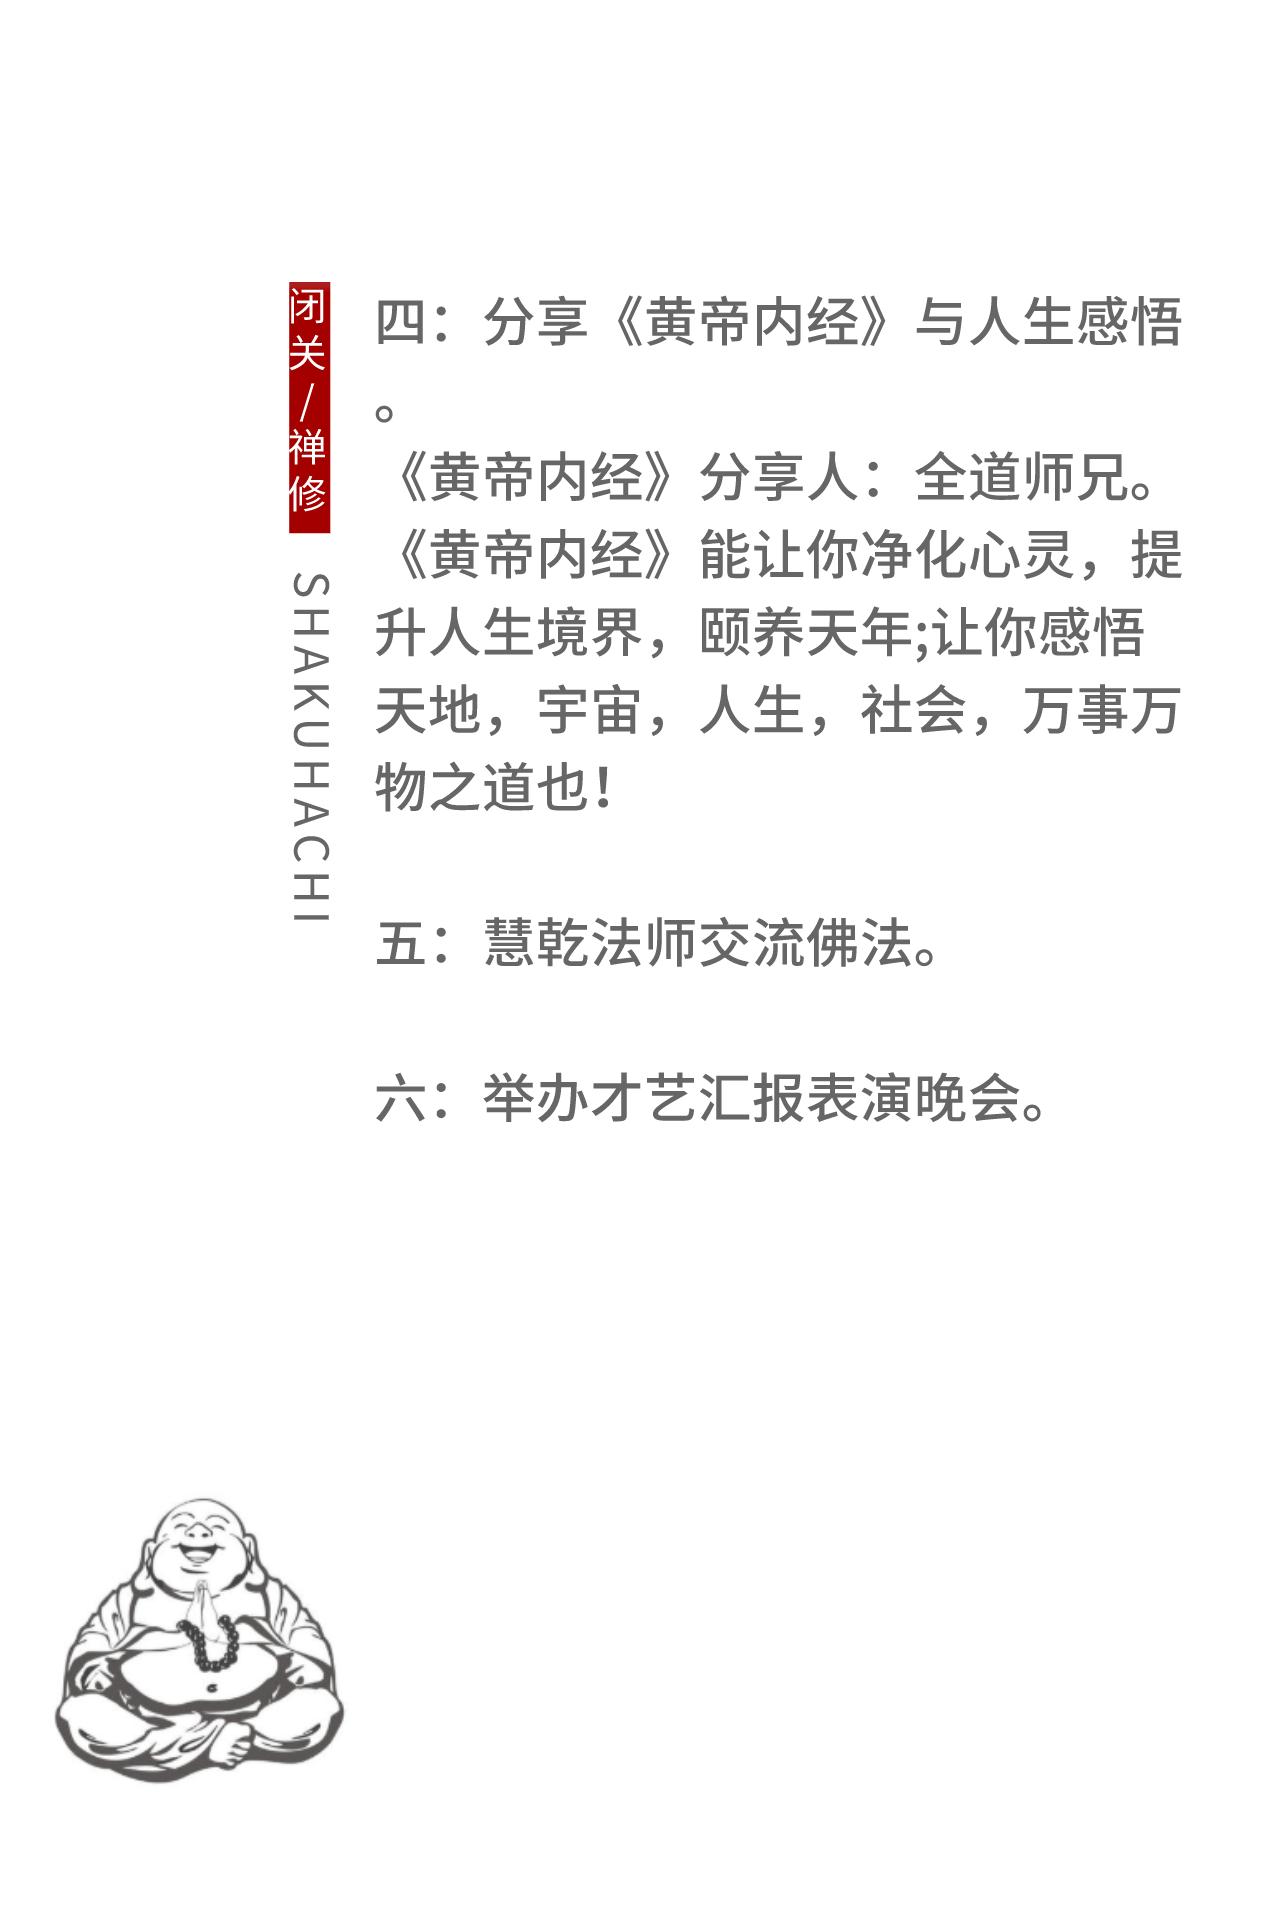 第10页1.png